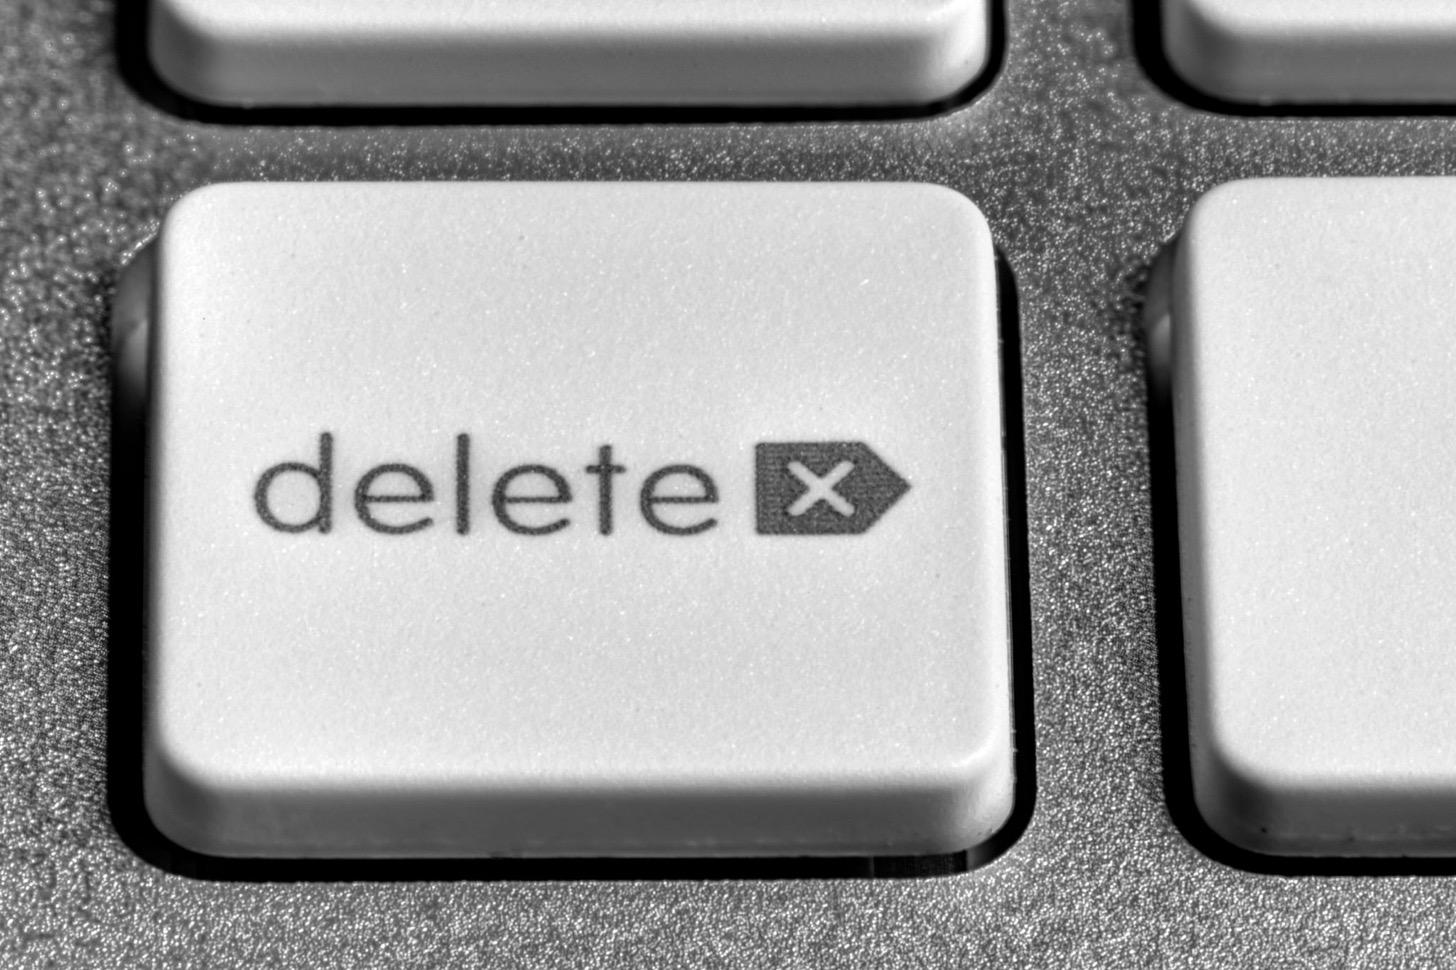 デリートボタン